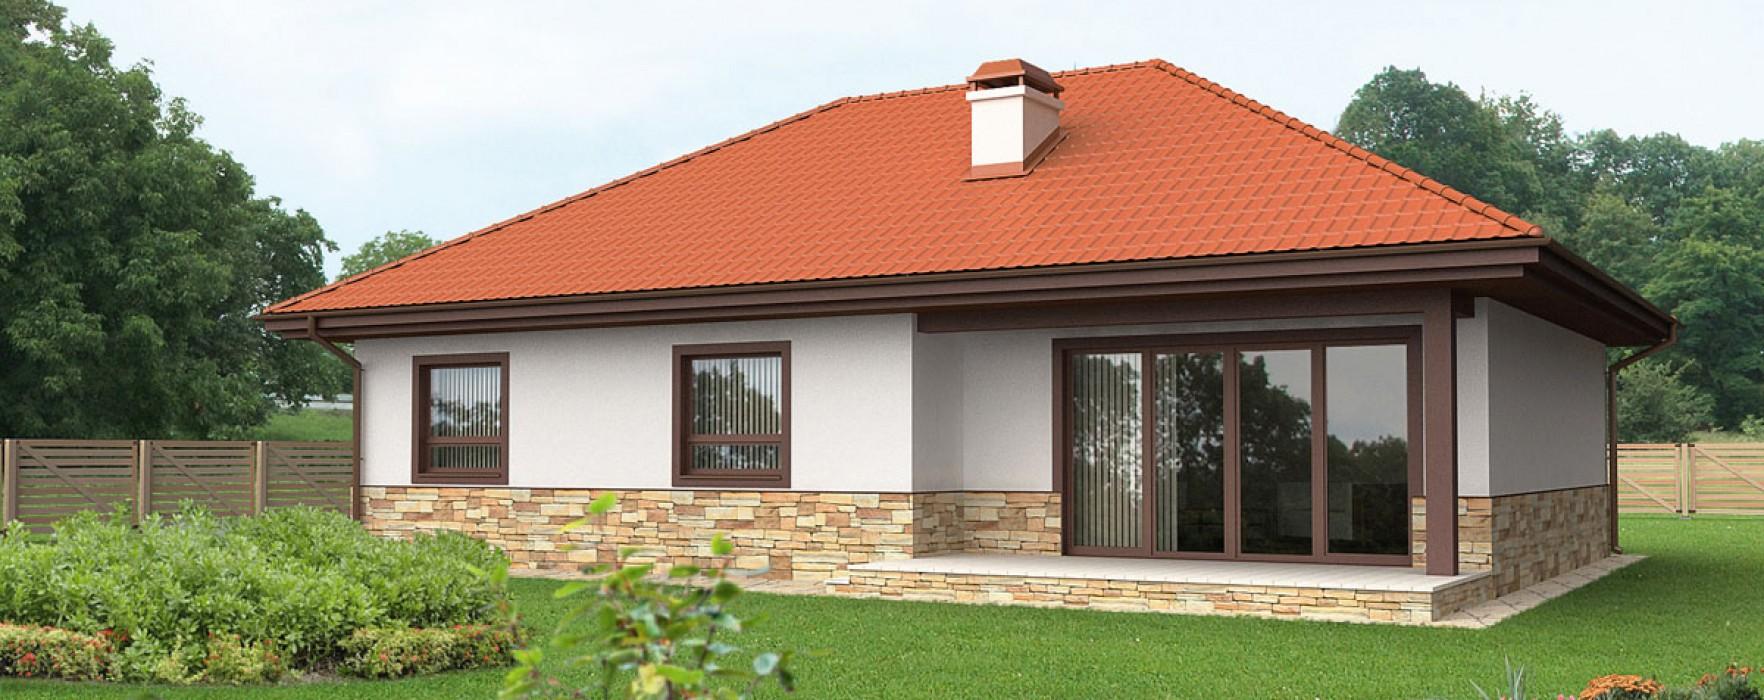 Una casa prefabbricata senza riscaldamento  caseprefabbricateinlegno ...